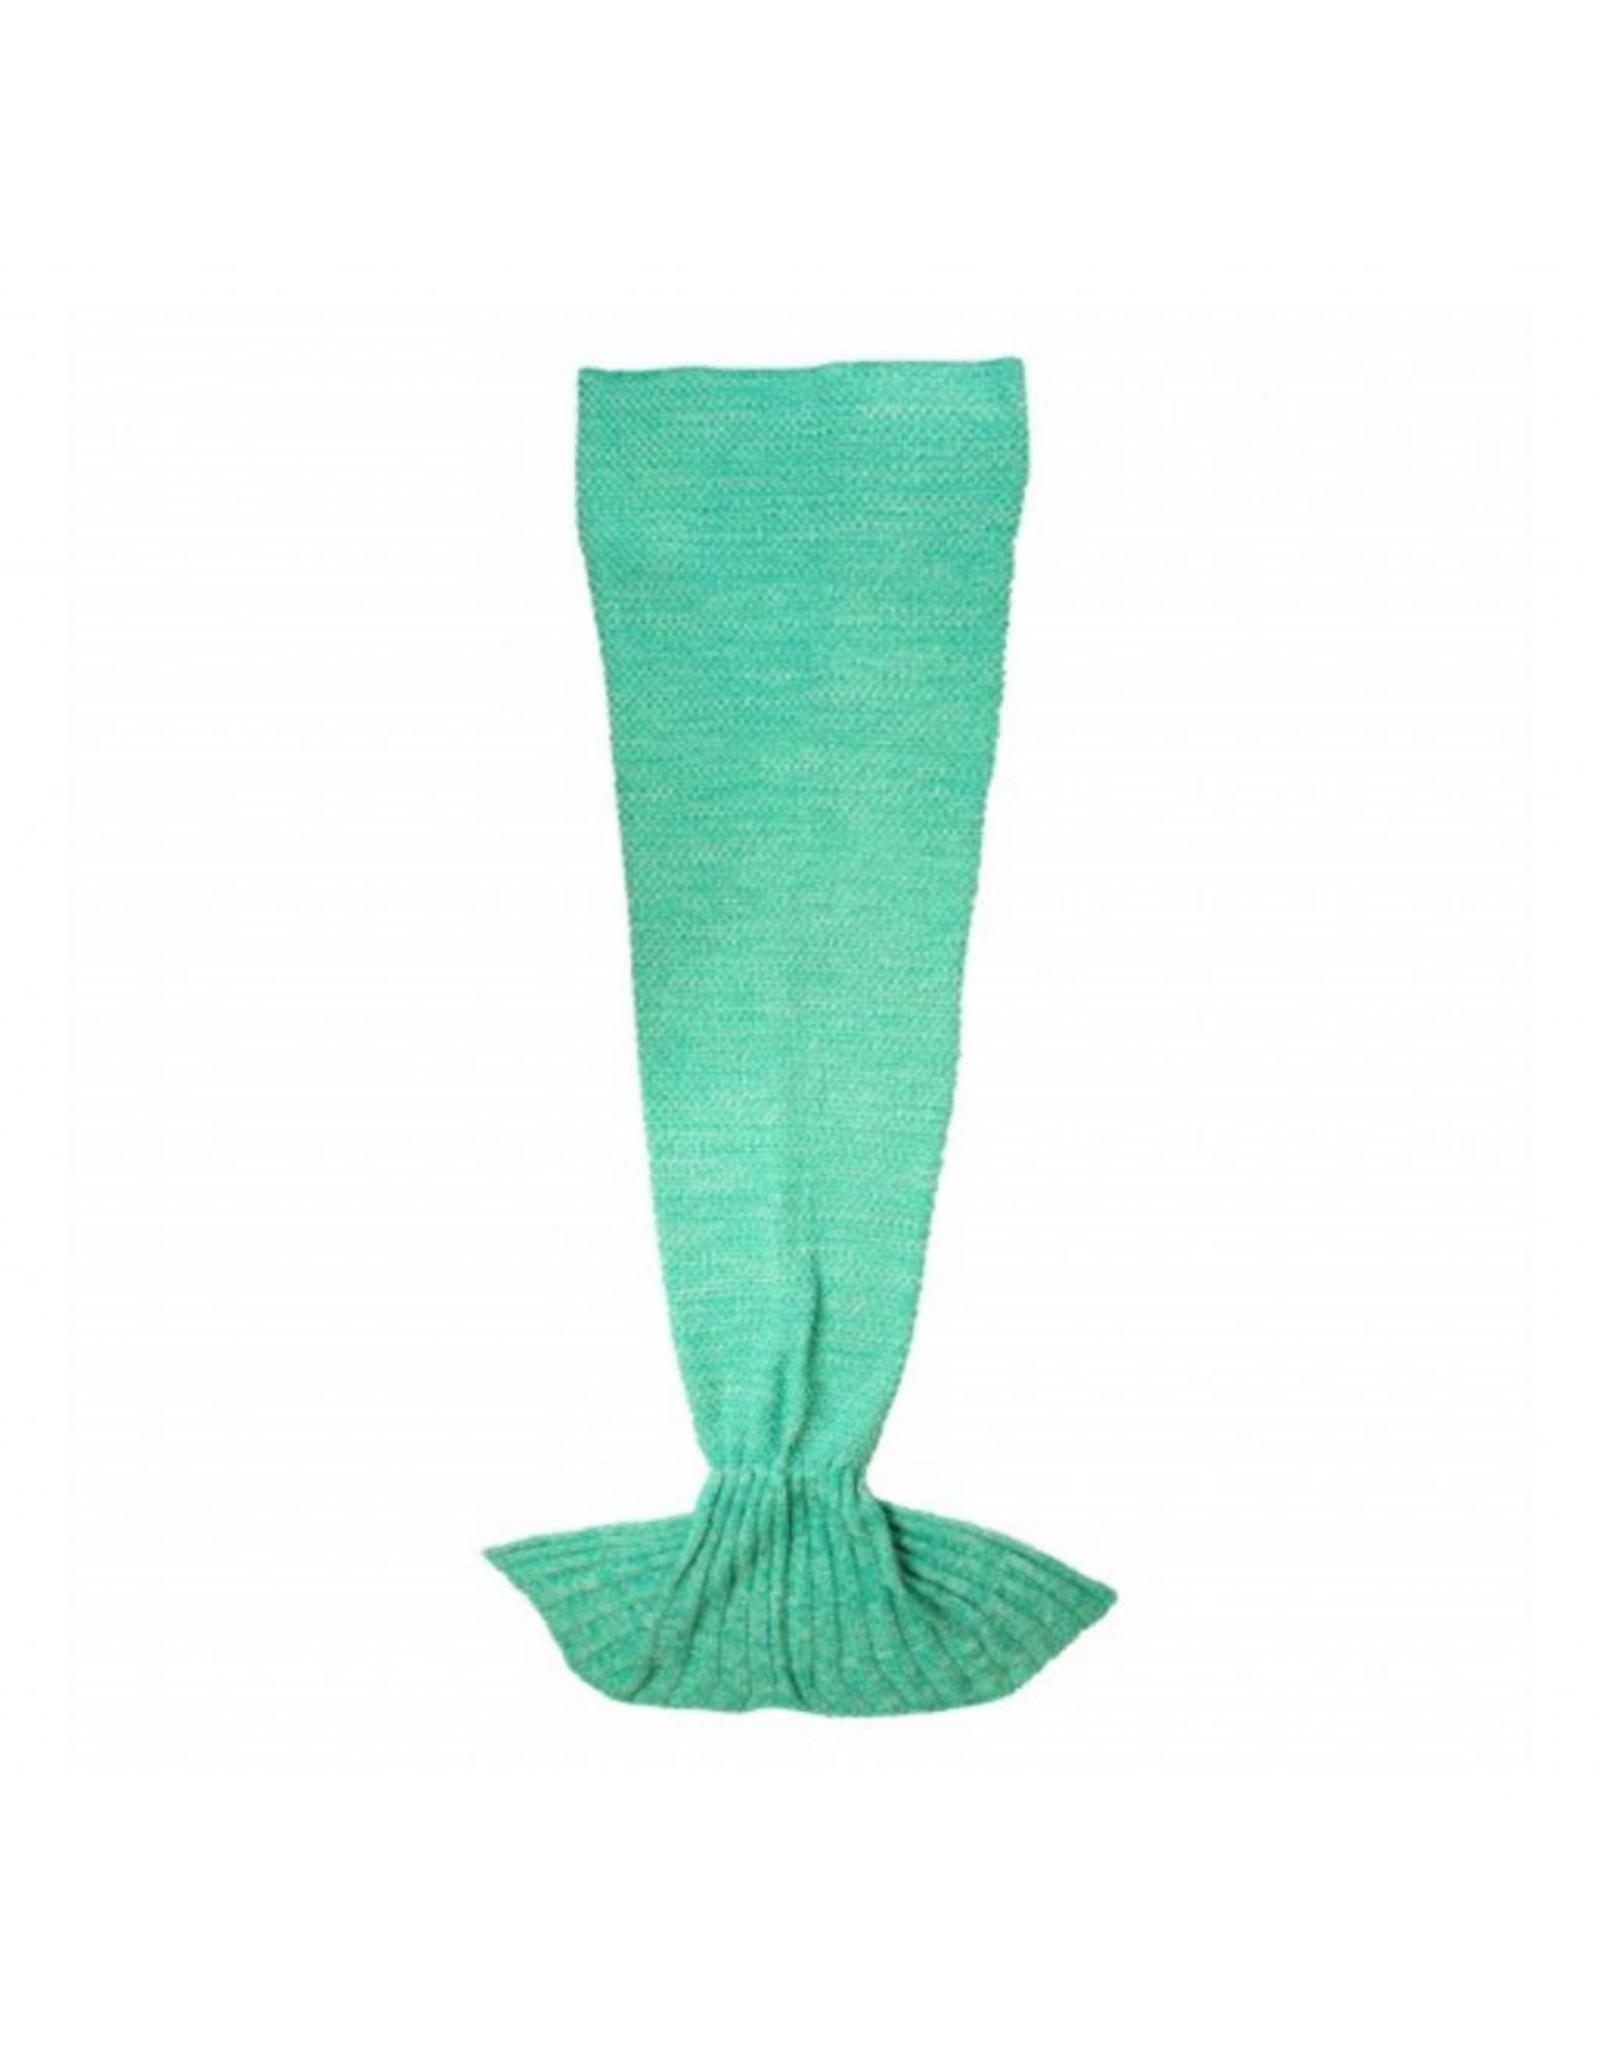 Deken zeemeermin groen